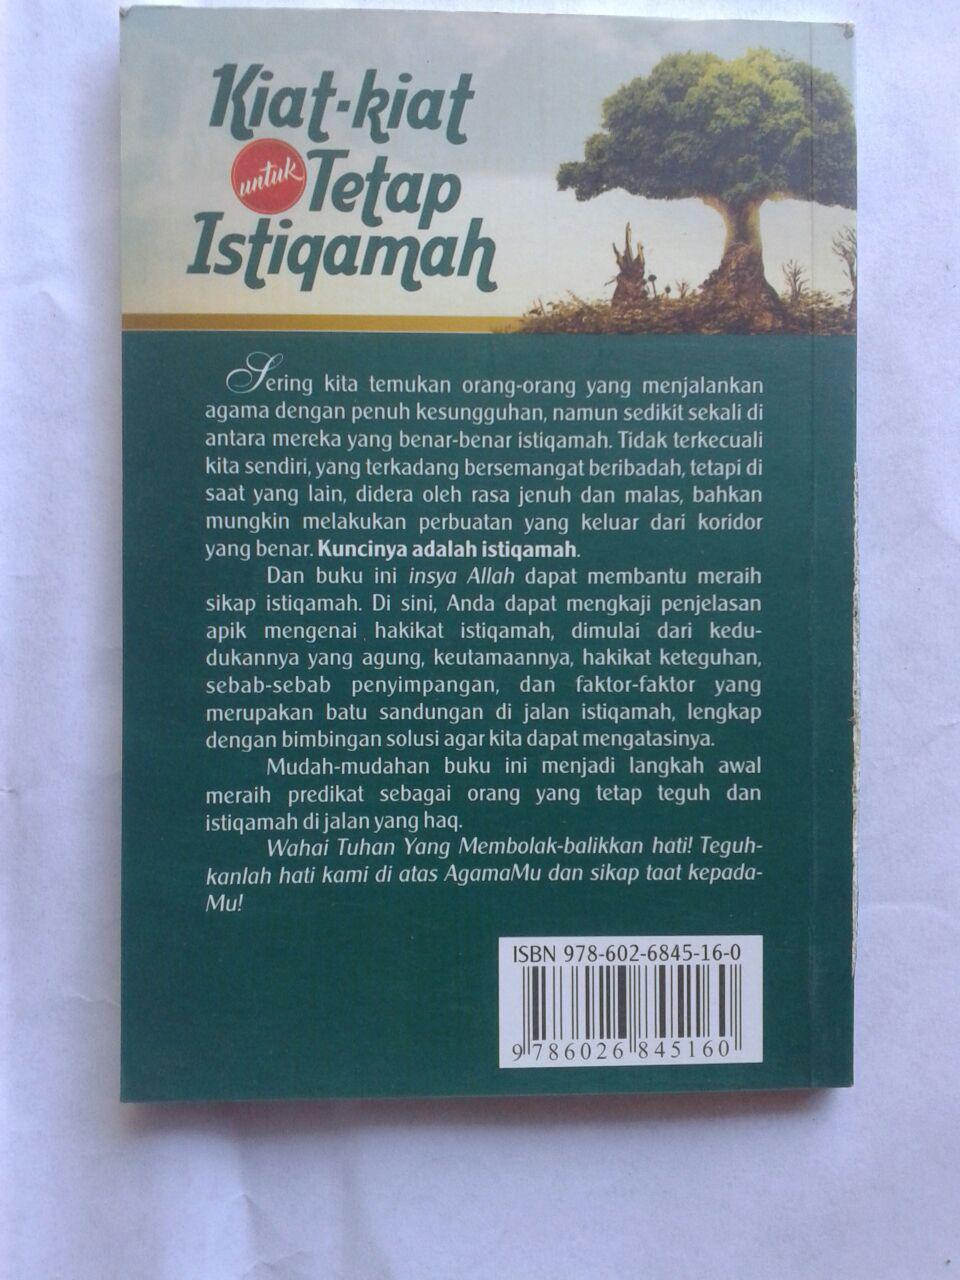 Buku Kiat Kiat Untuk Tetap Istiqamah cover 2